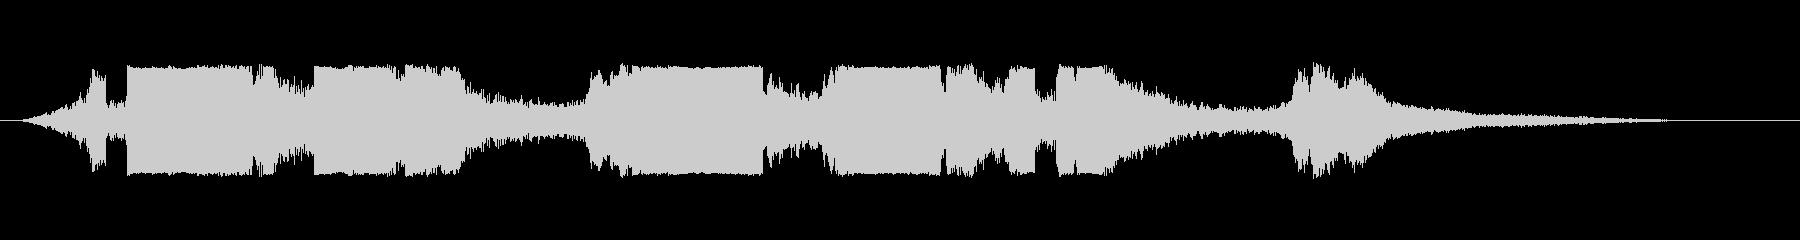 ゴーカート; By(11 Kart...の未再生の波形